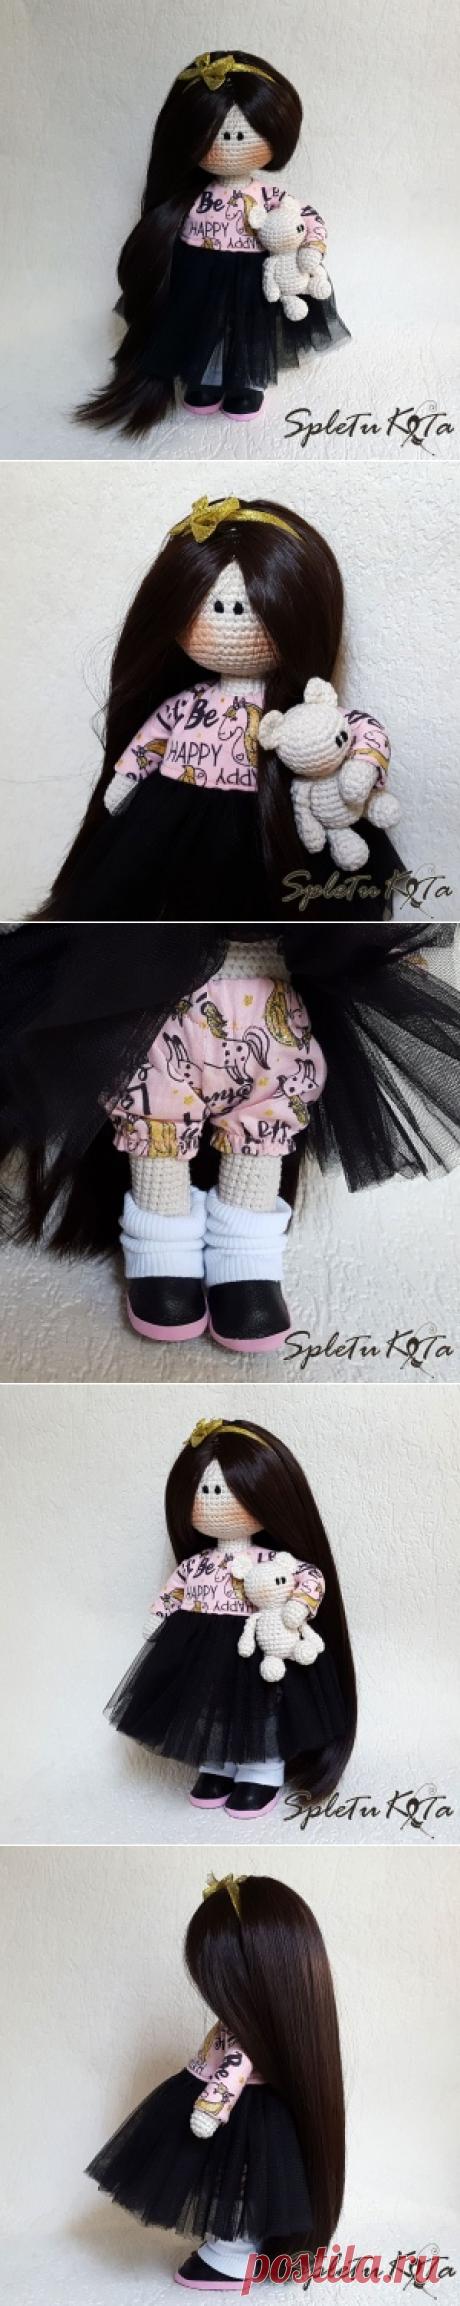 Вязаная кукла Поля. Рост 25 см. В ручках держит медвежонка. Одета в платье, рейтузики, мокасины и гетры.  Кукла может украсить интерьер, а также подойдет для детских игр. Вся одежда снимается. Шикарные длинные густые волосы можно расчесывать, делать прически и укладки.   Кукла связана крючком из пряжи хлопок-акрил. Стирать не рекомендуется, но при необходимости возможна ручная или бережная машинная стирка без отбеливателей. Наполнитель файбертек. Ручки, ножки и голова не поворачиваются.